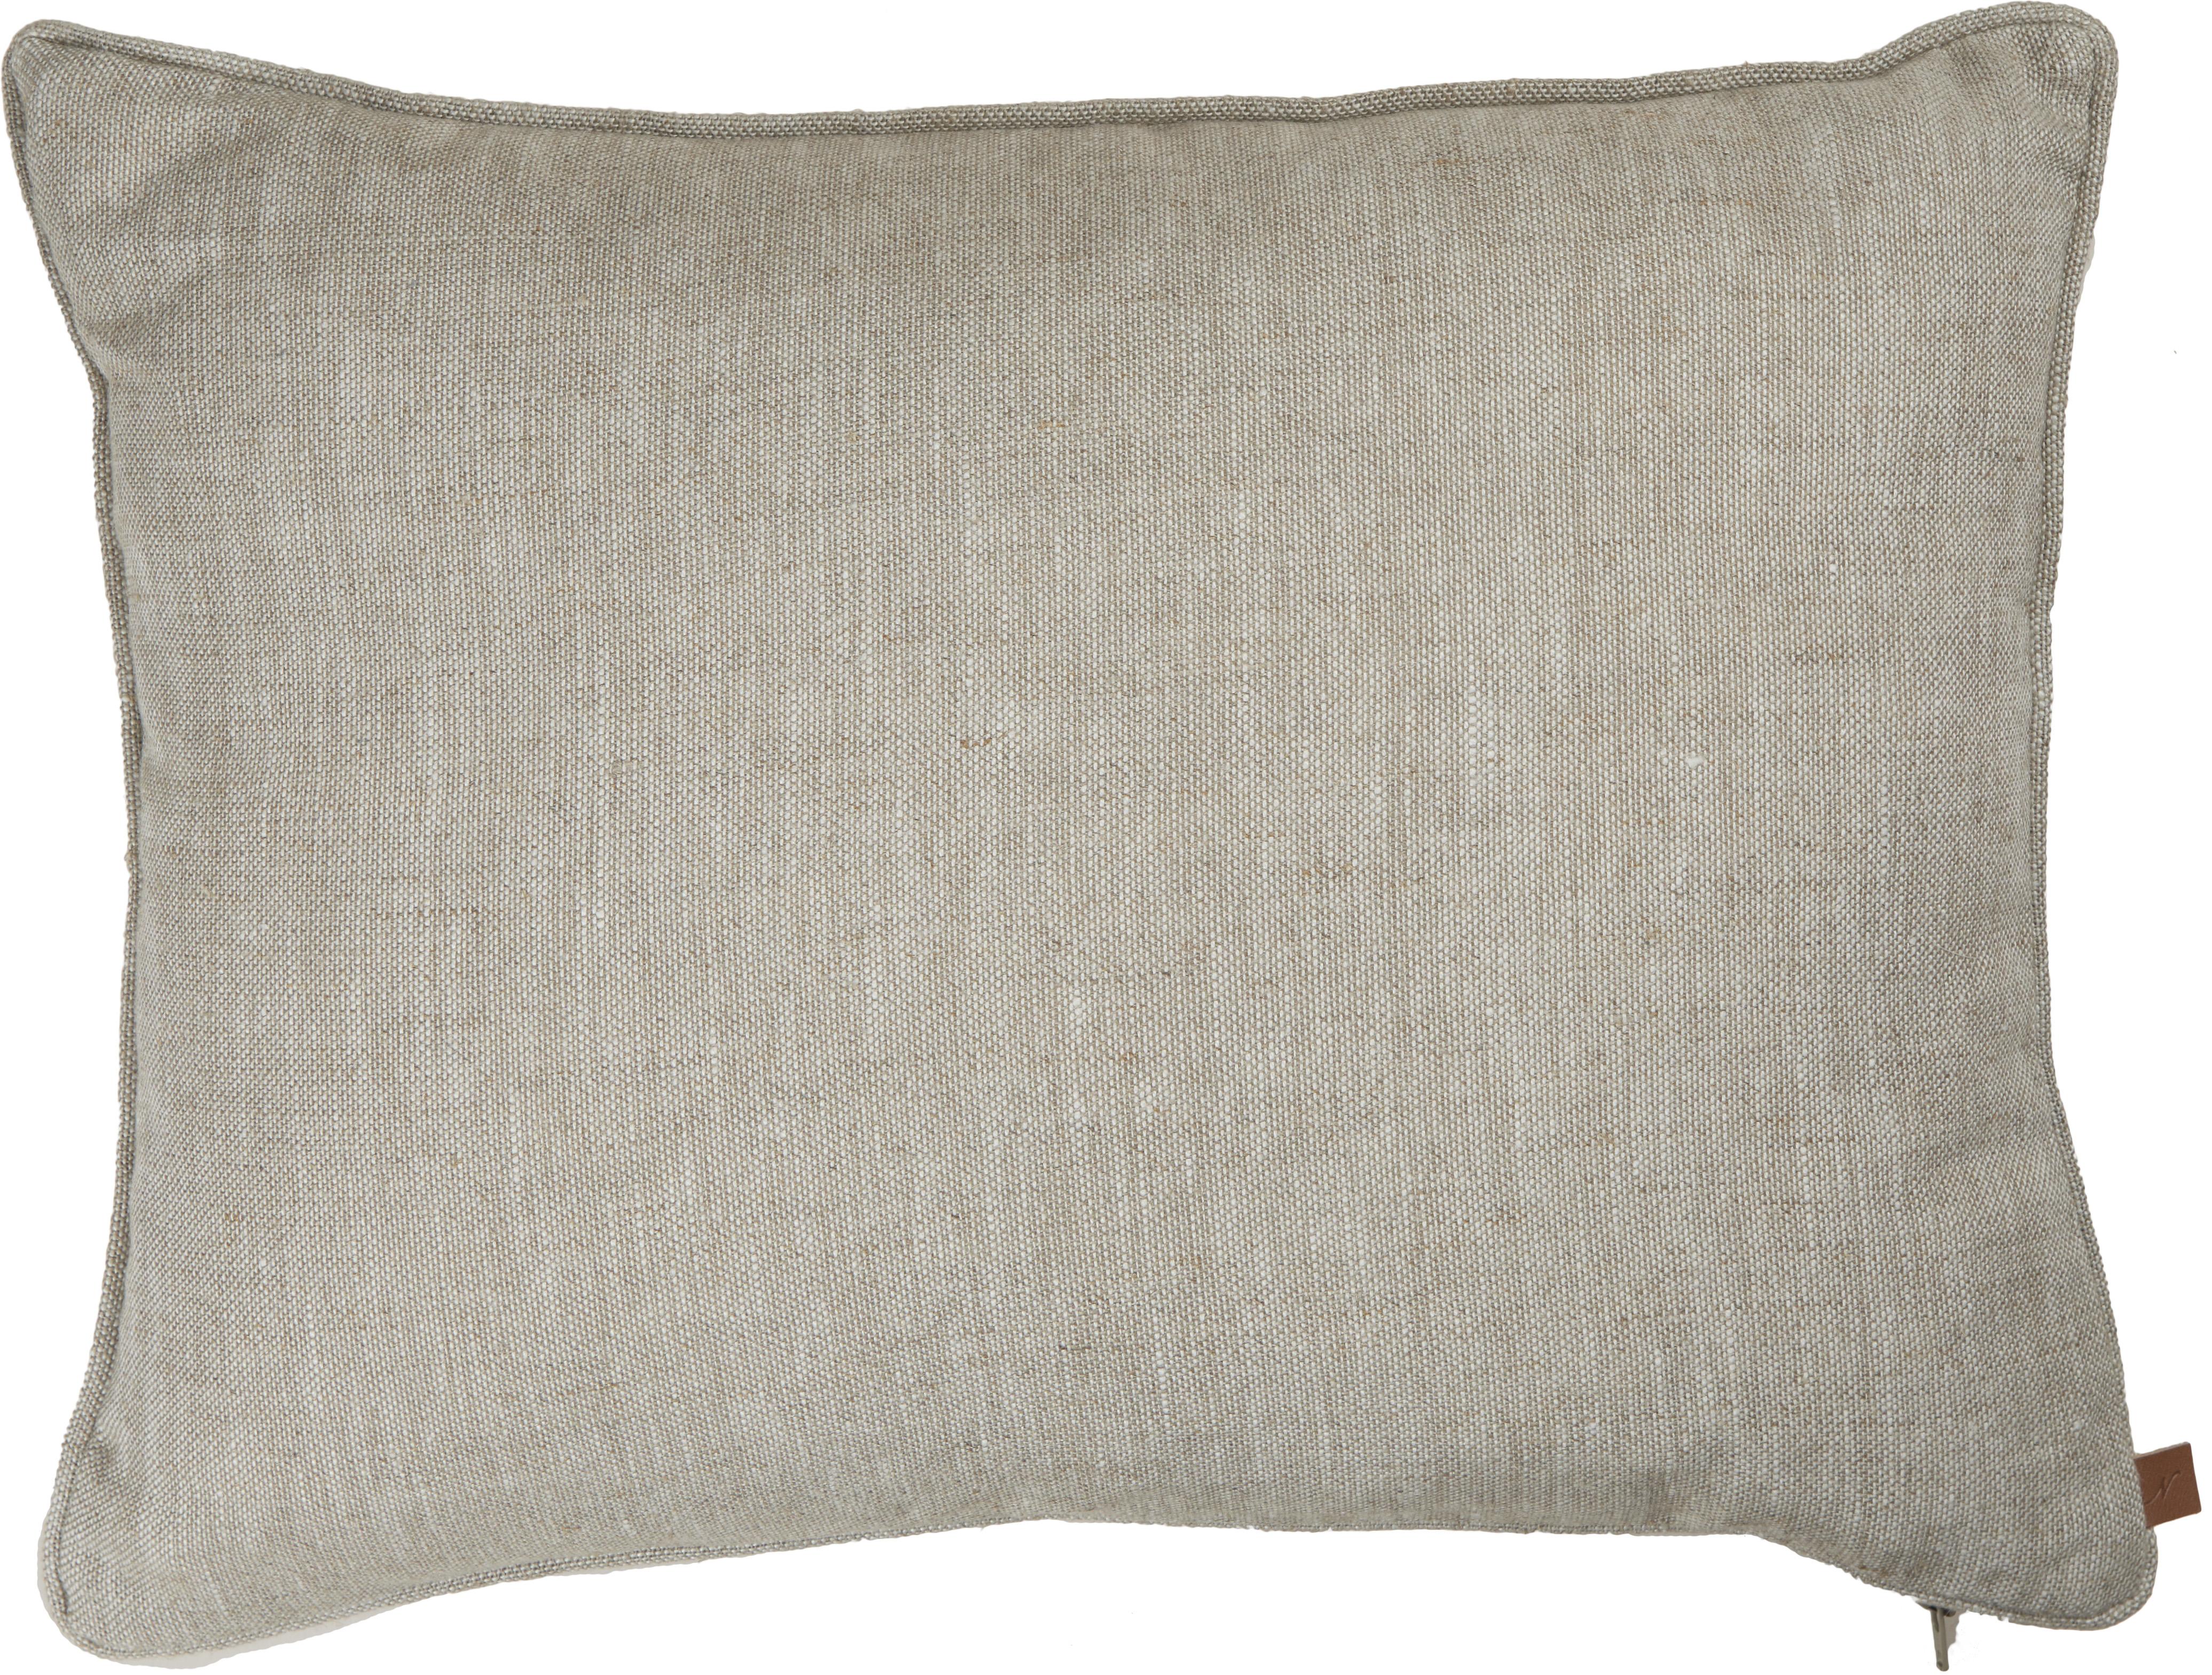 Florence Cushion 35x45cm, Imogen Holkham Sand